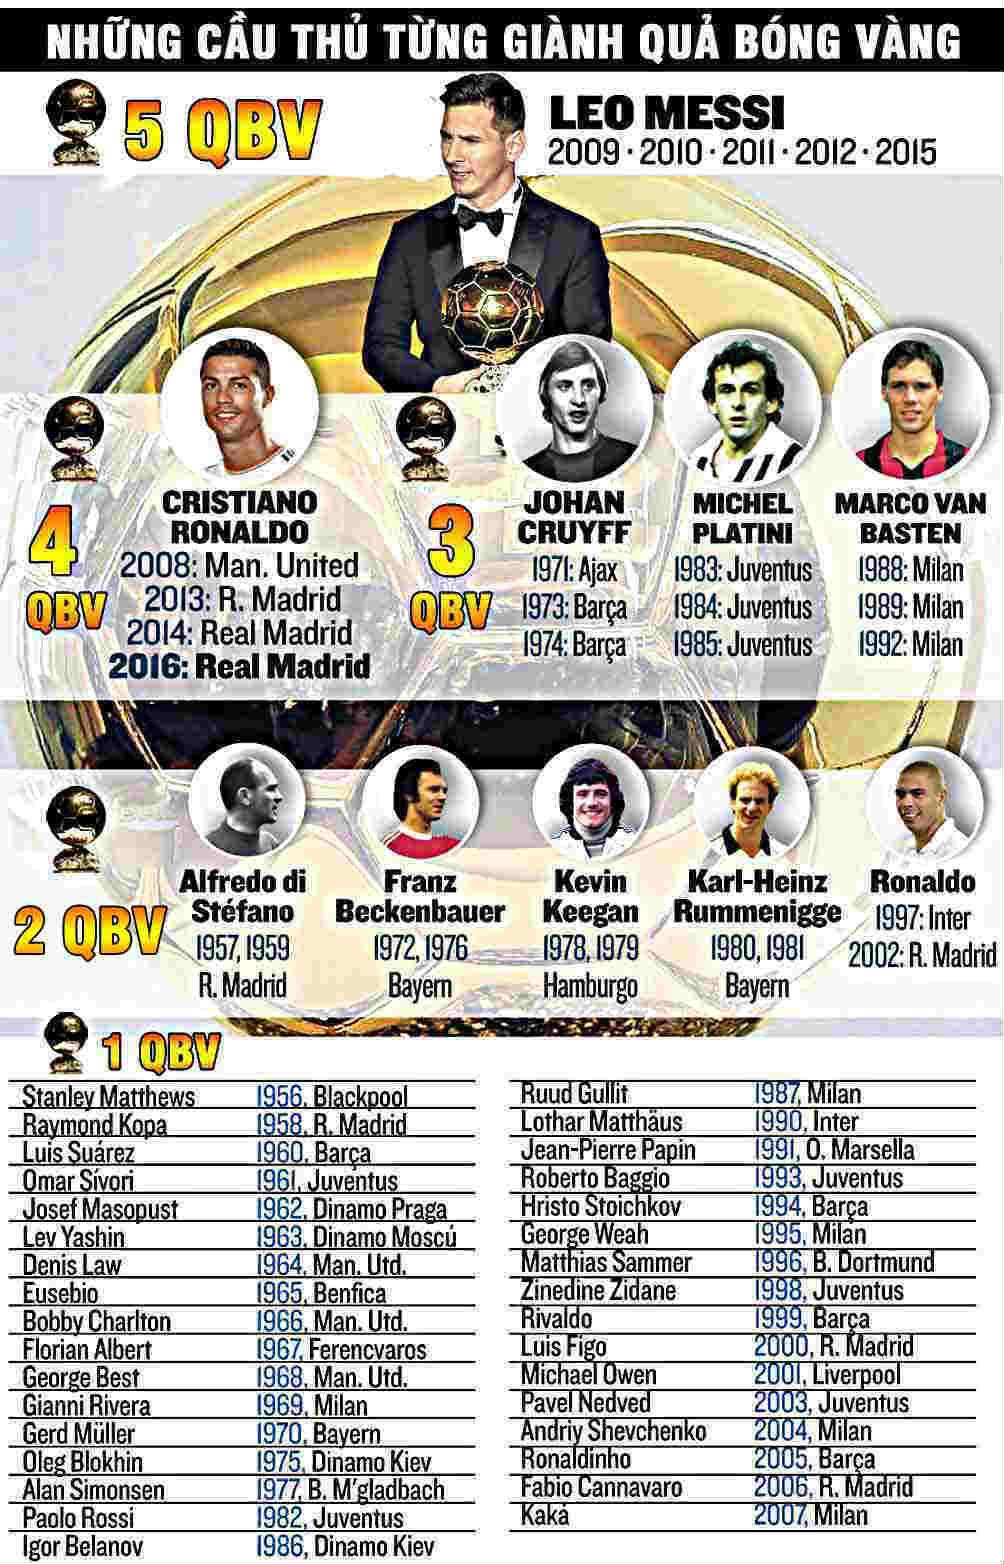 Giành QBV, Ronaldo = 2 Messi: Trên đỉnh cao danh vọng - 7